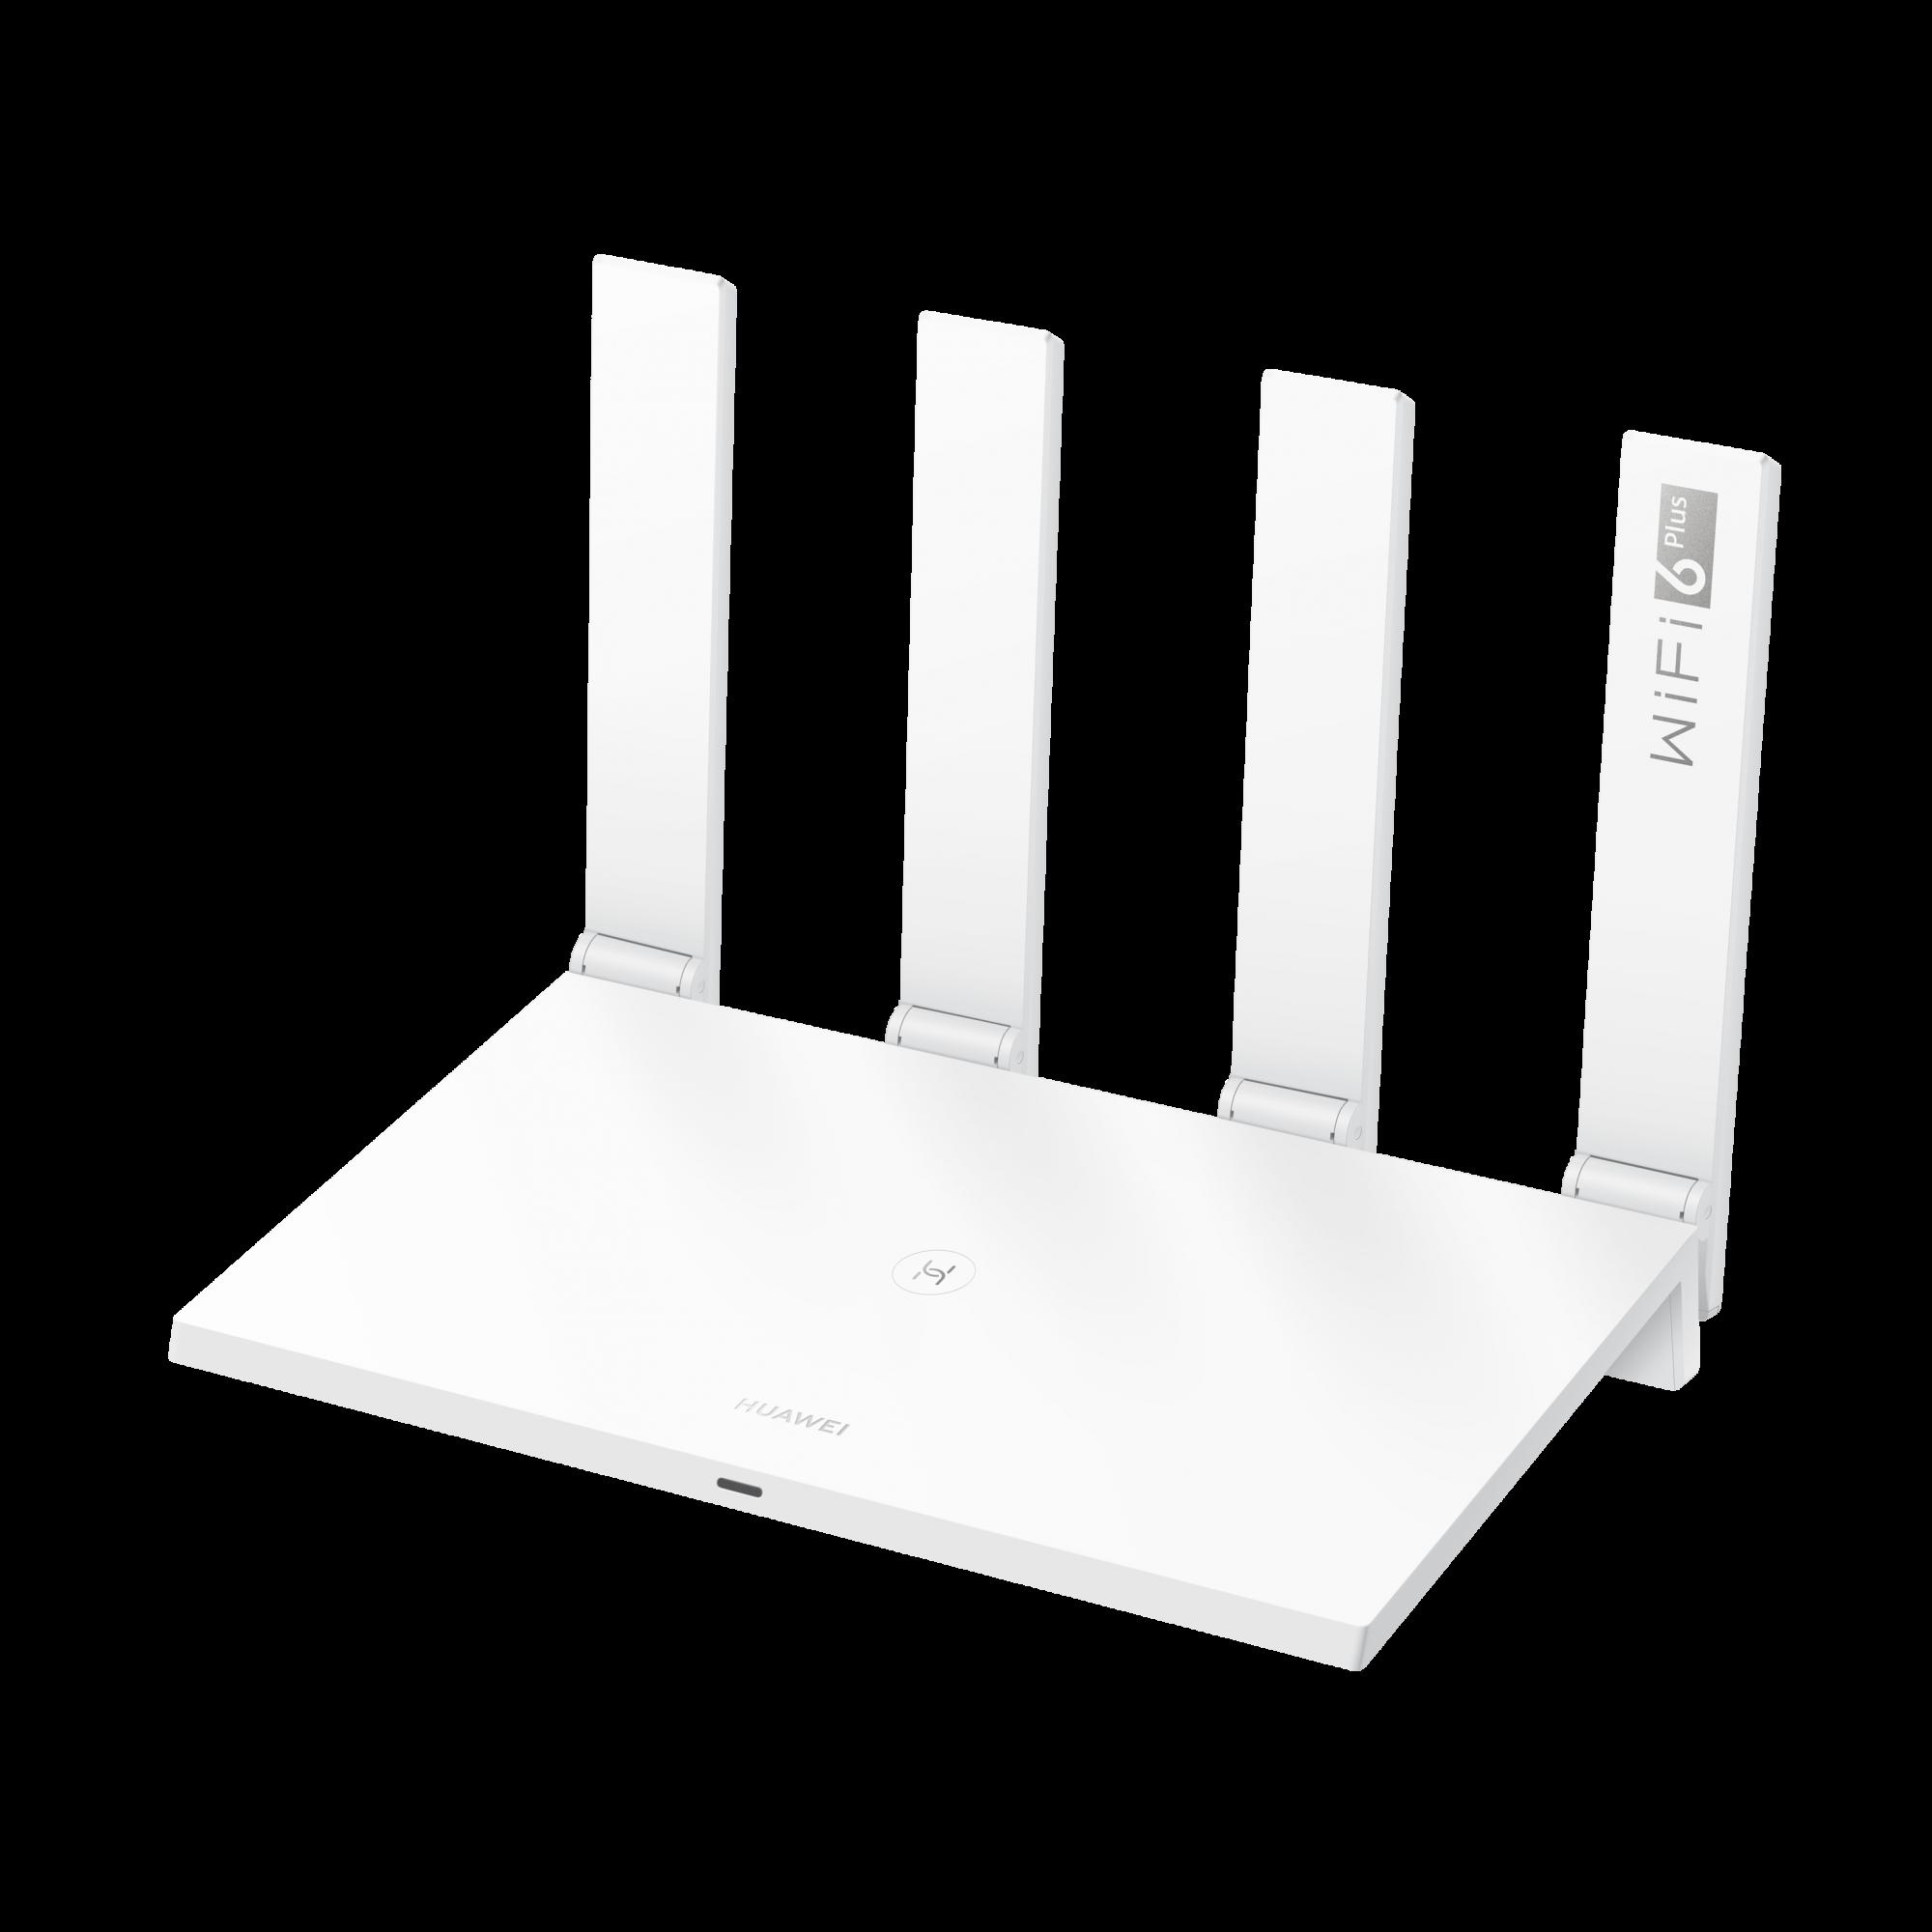 HUAWEI-WiFi-AX3-10